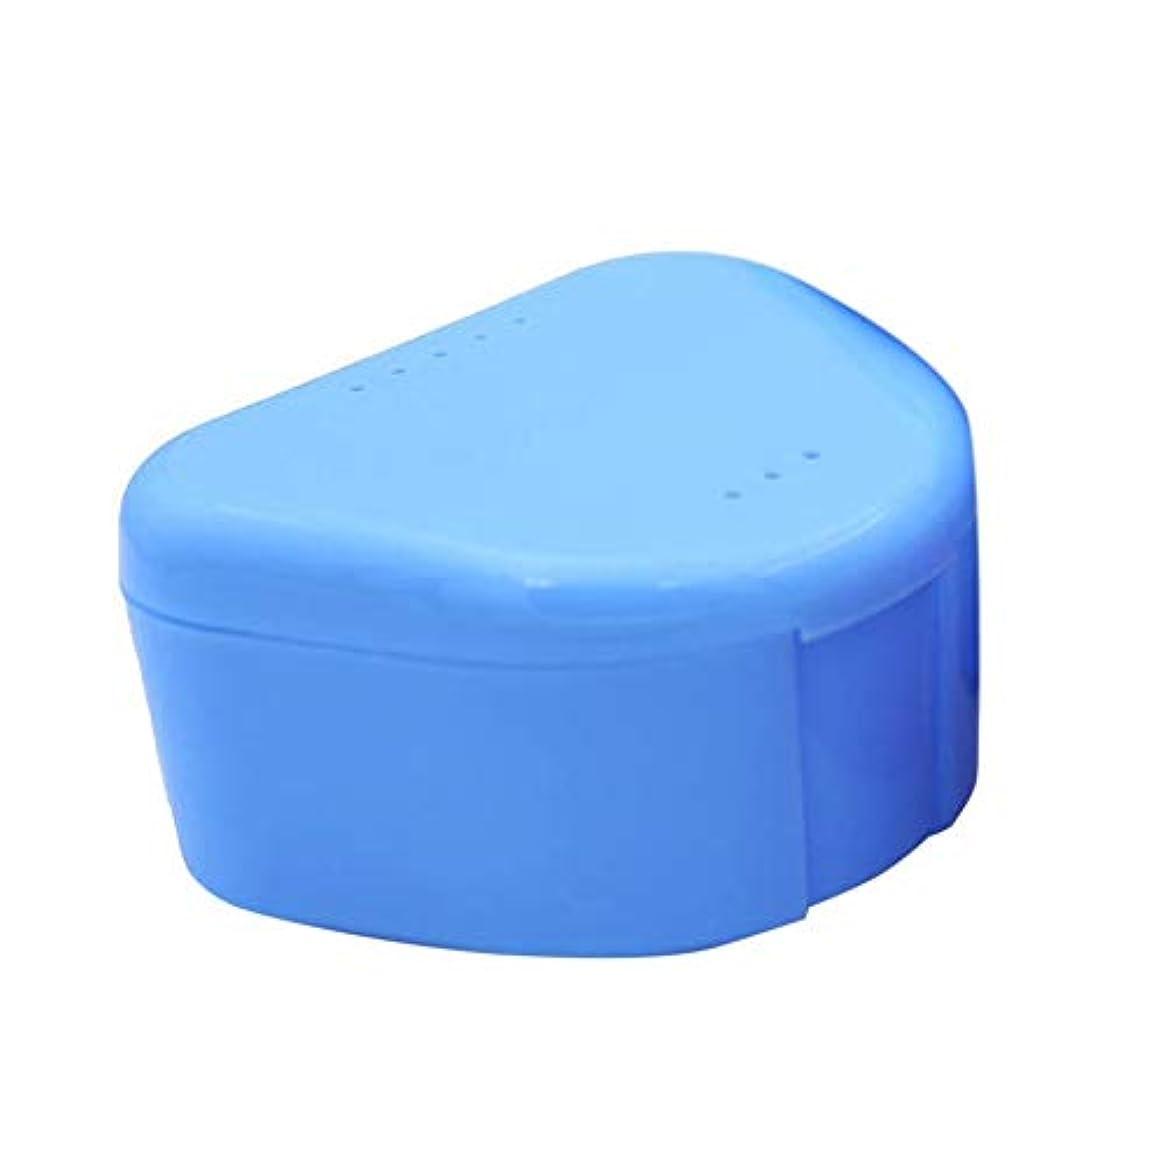 適用する不十分な無意味デンタルリテーナーケースデンタルブレース偽歯収納ケースボックスマウスピースオーガナイザーオーラルヘルスケアデンタルトレイボックス